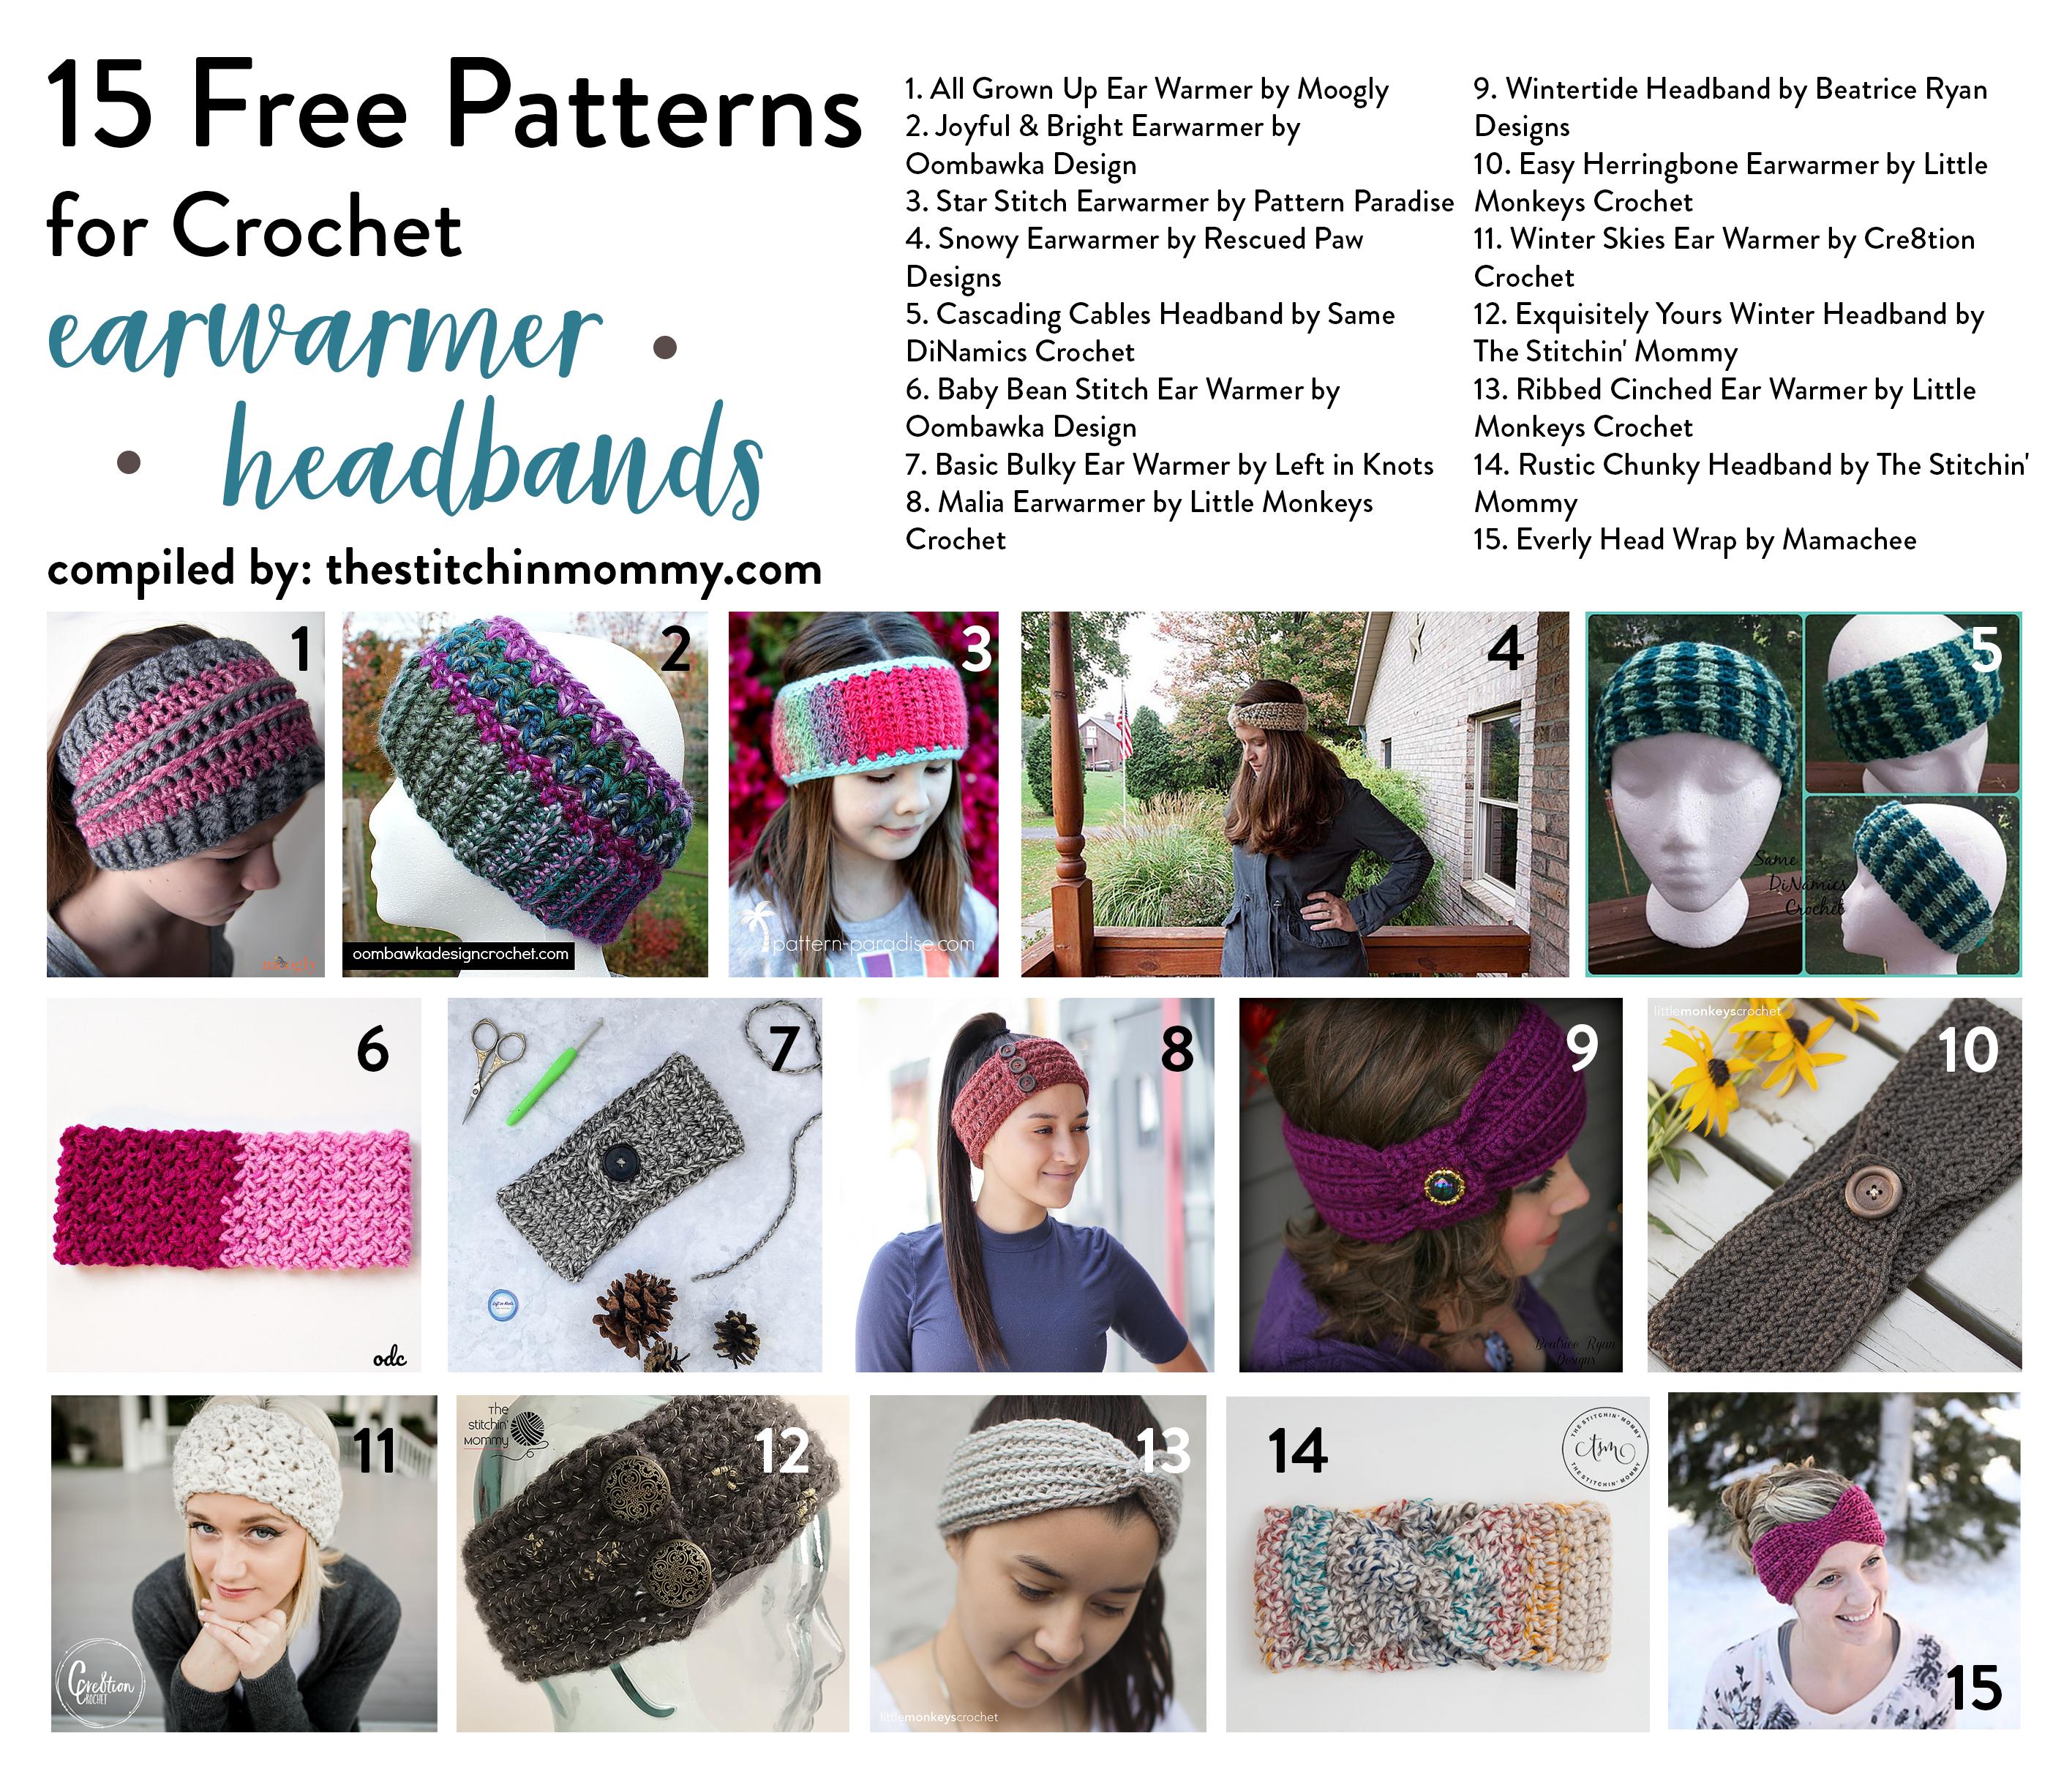 15 Free Patterns for Crochet Earwarmer Headbands